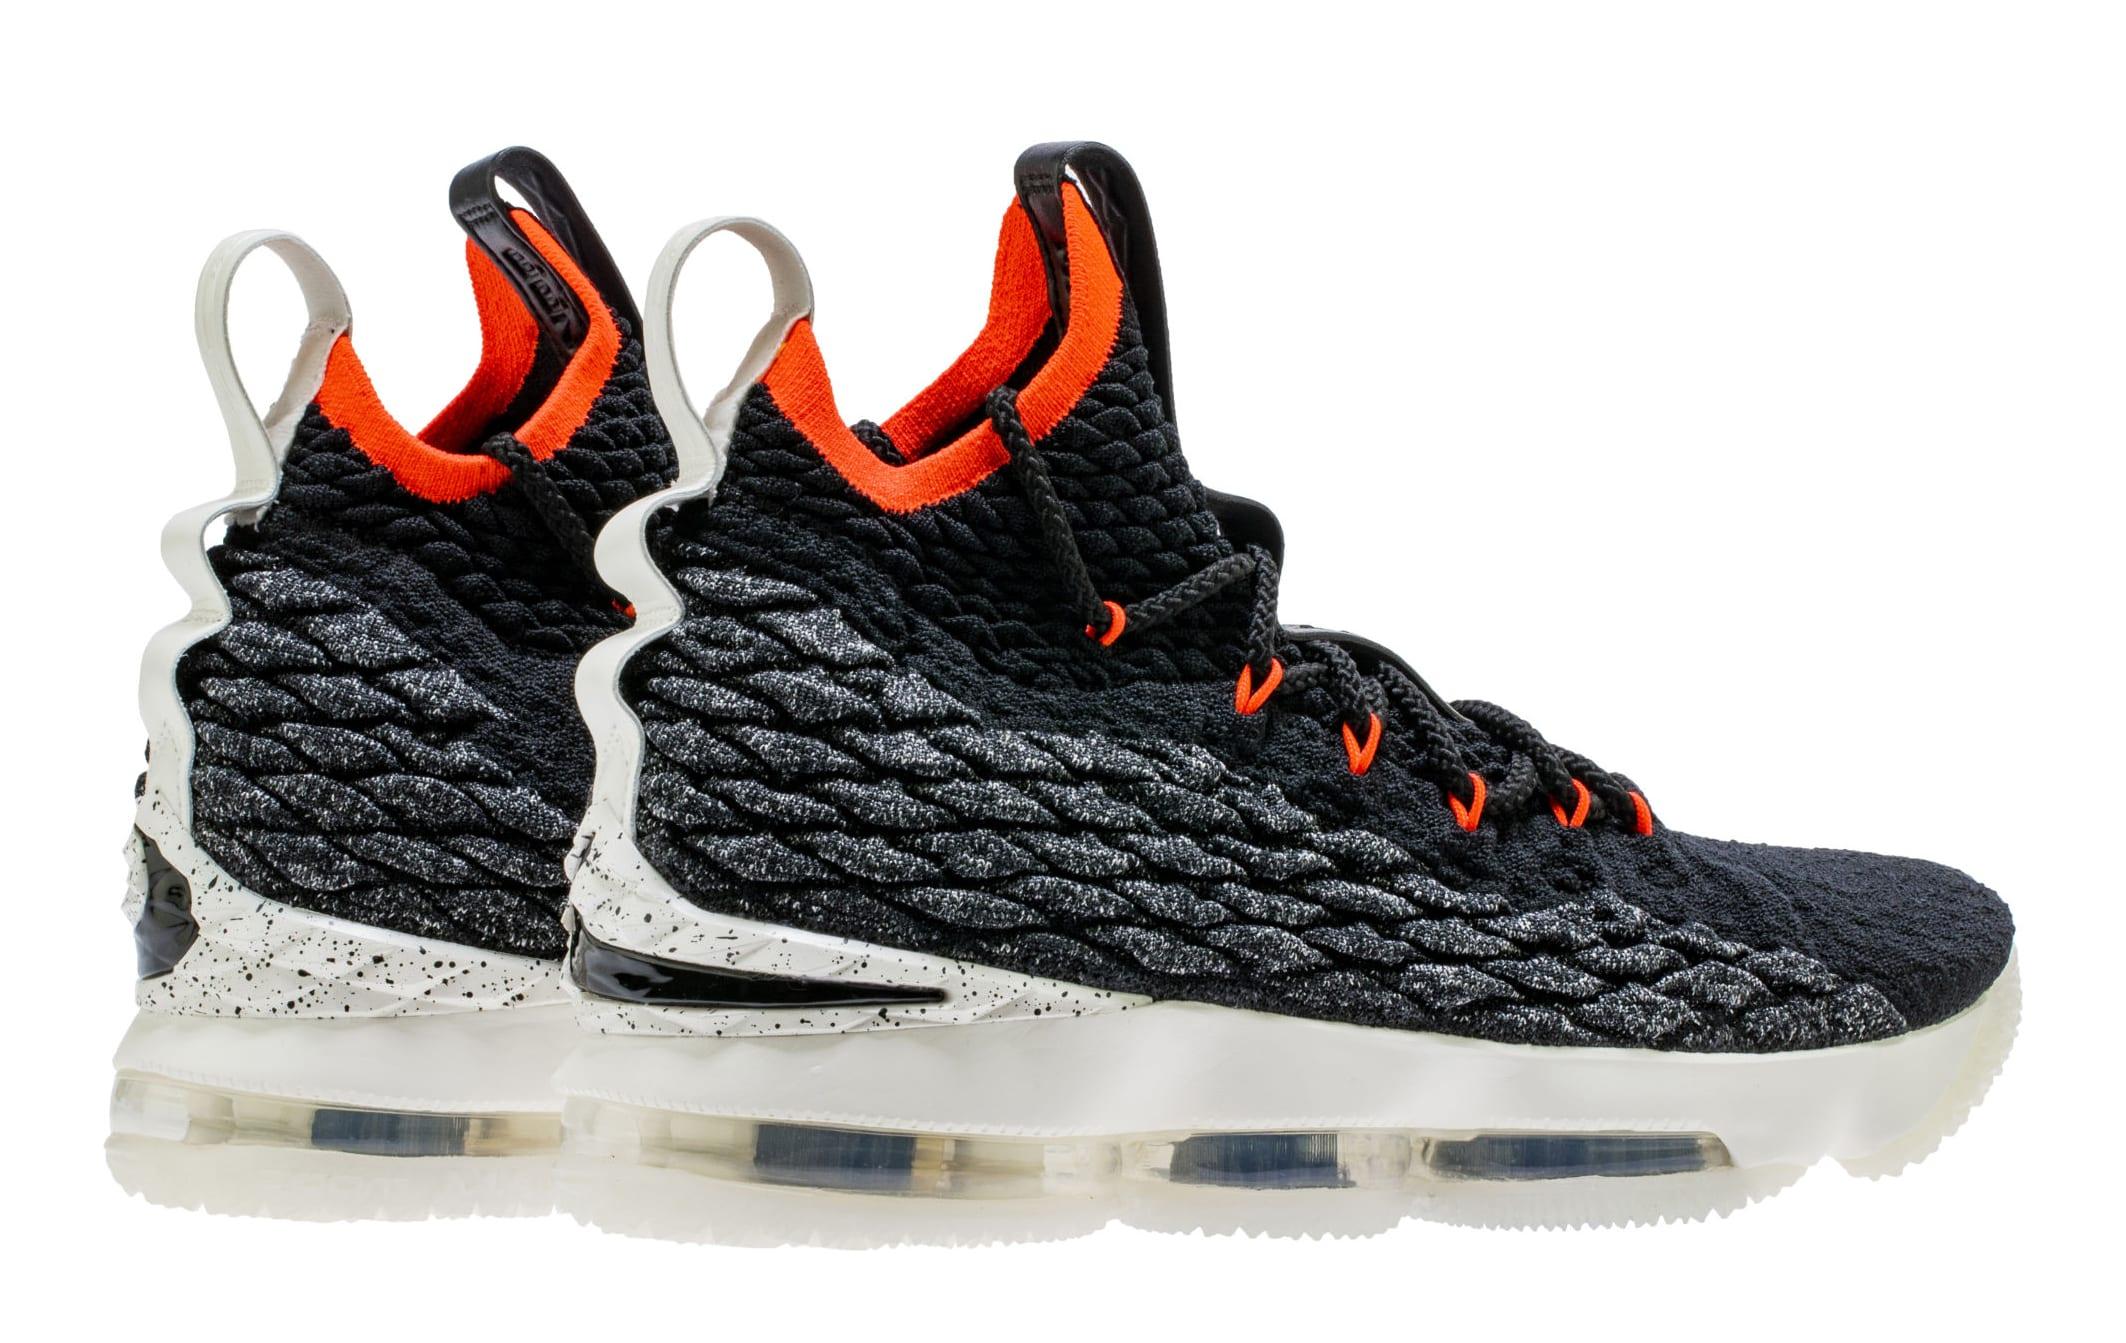 hot sale online e92ed 514e3 Nike LeBron 15 'Bright Crimson' AQ2363-002 Release Date ...